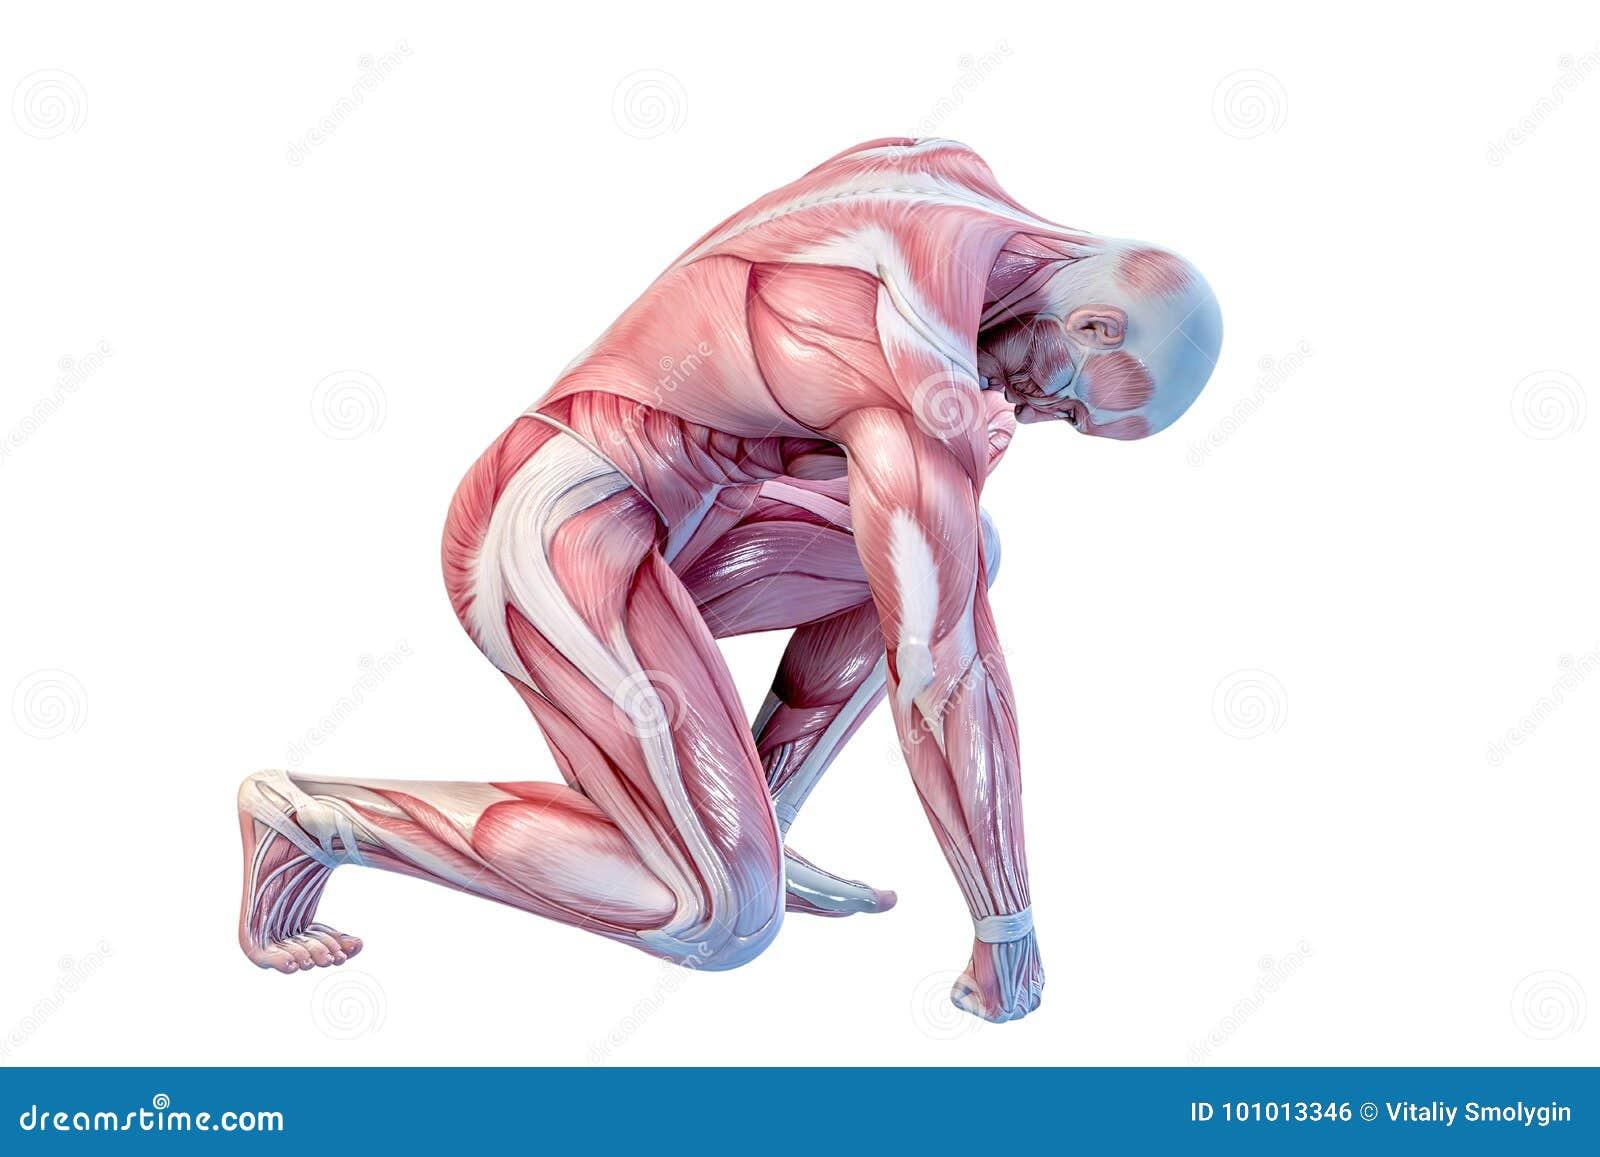 Anatomía Humana - Músculos Masculinos Ilustración 3D Stock de ...